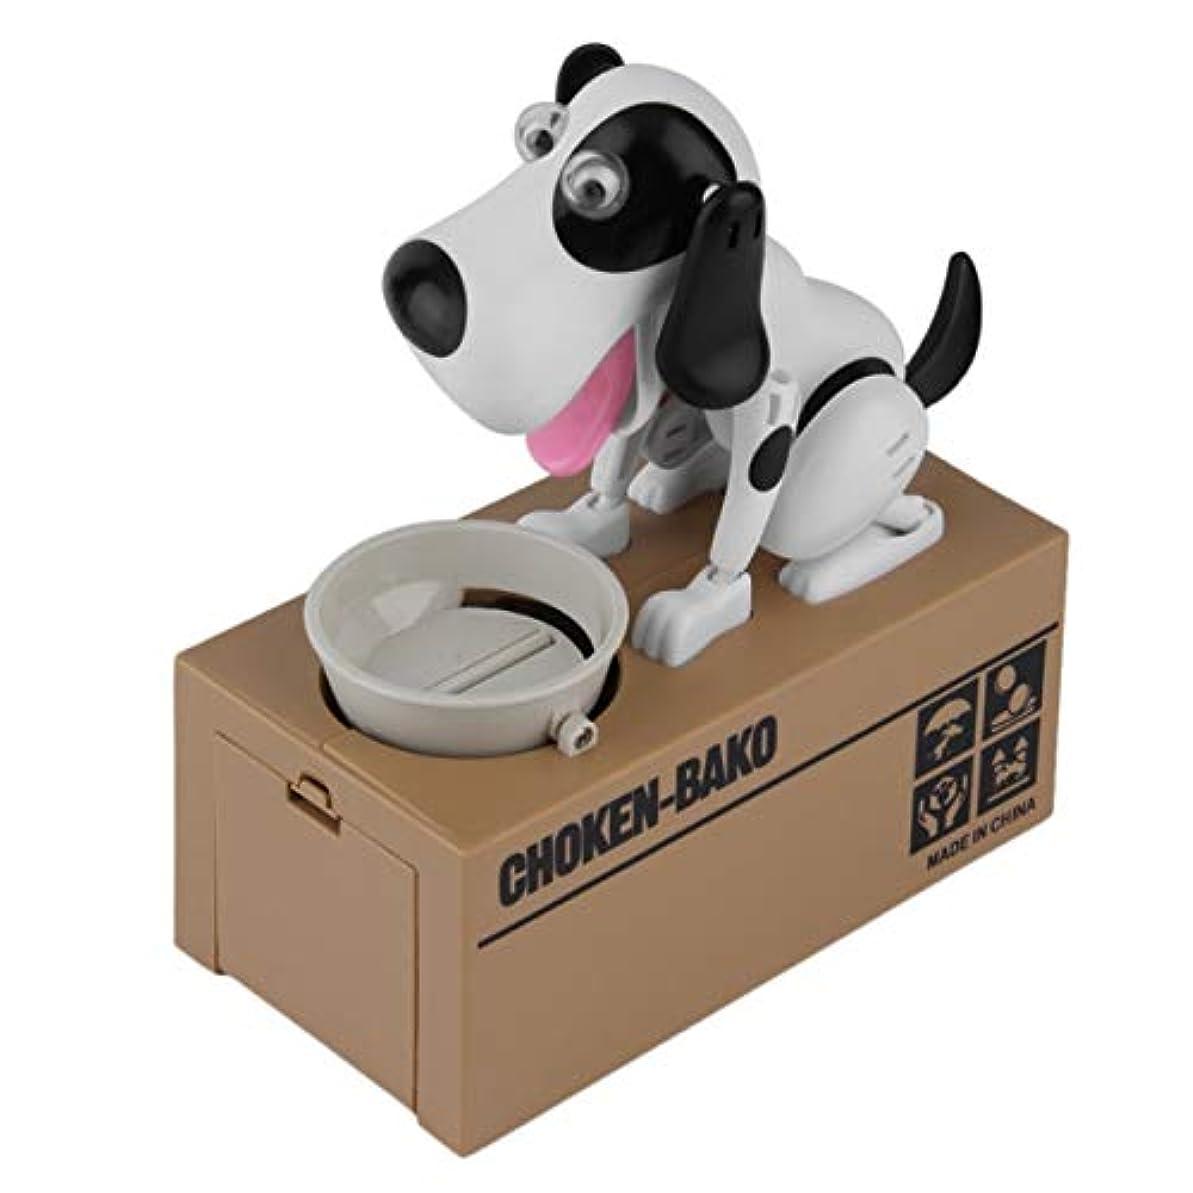 Saikogoods 耐久性に優れたロボット犬貯金箱自動コインマネーバンクかわいい犬モデルマネーバンクマネーセービングボックスコインボックスを盗みました 黒+白